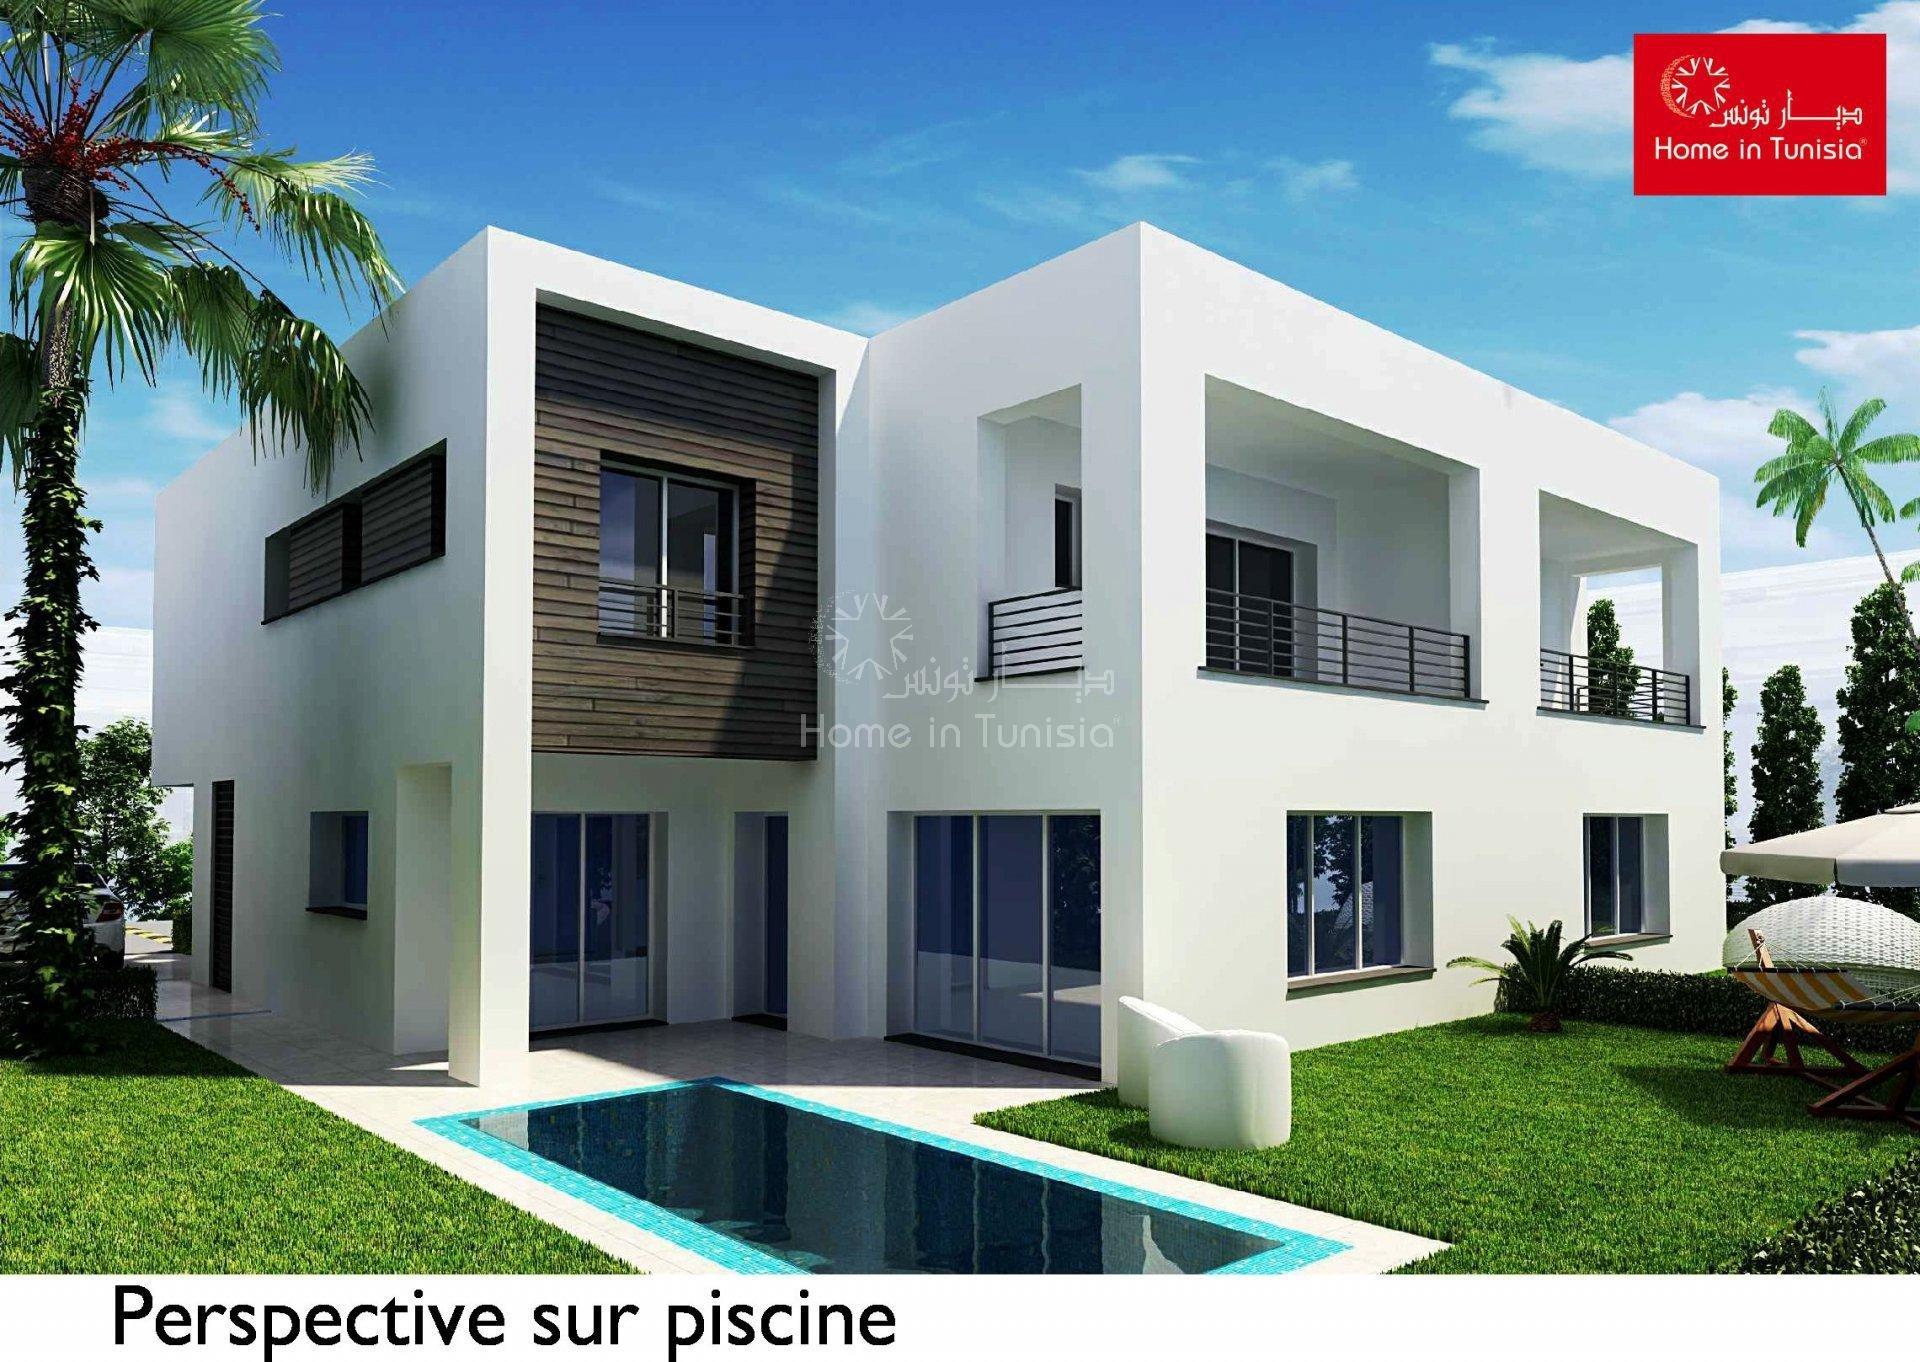 verkauf villa gammarth tunesien 263 655. Black Bedroom Furniture Sets. Home Design Ideas